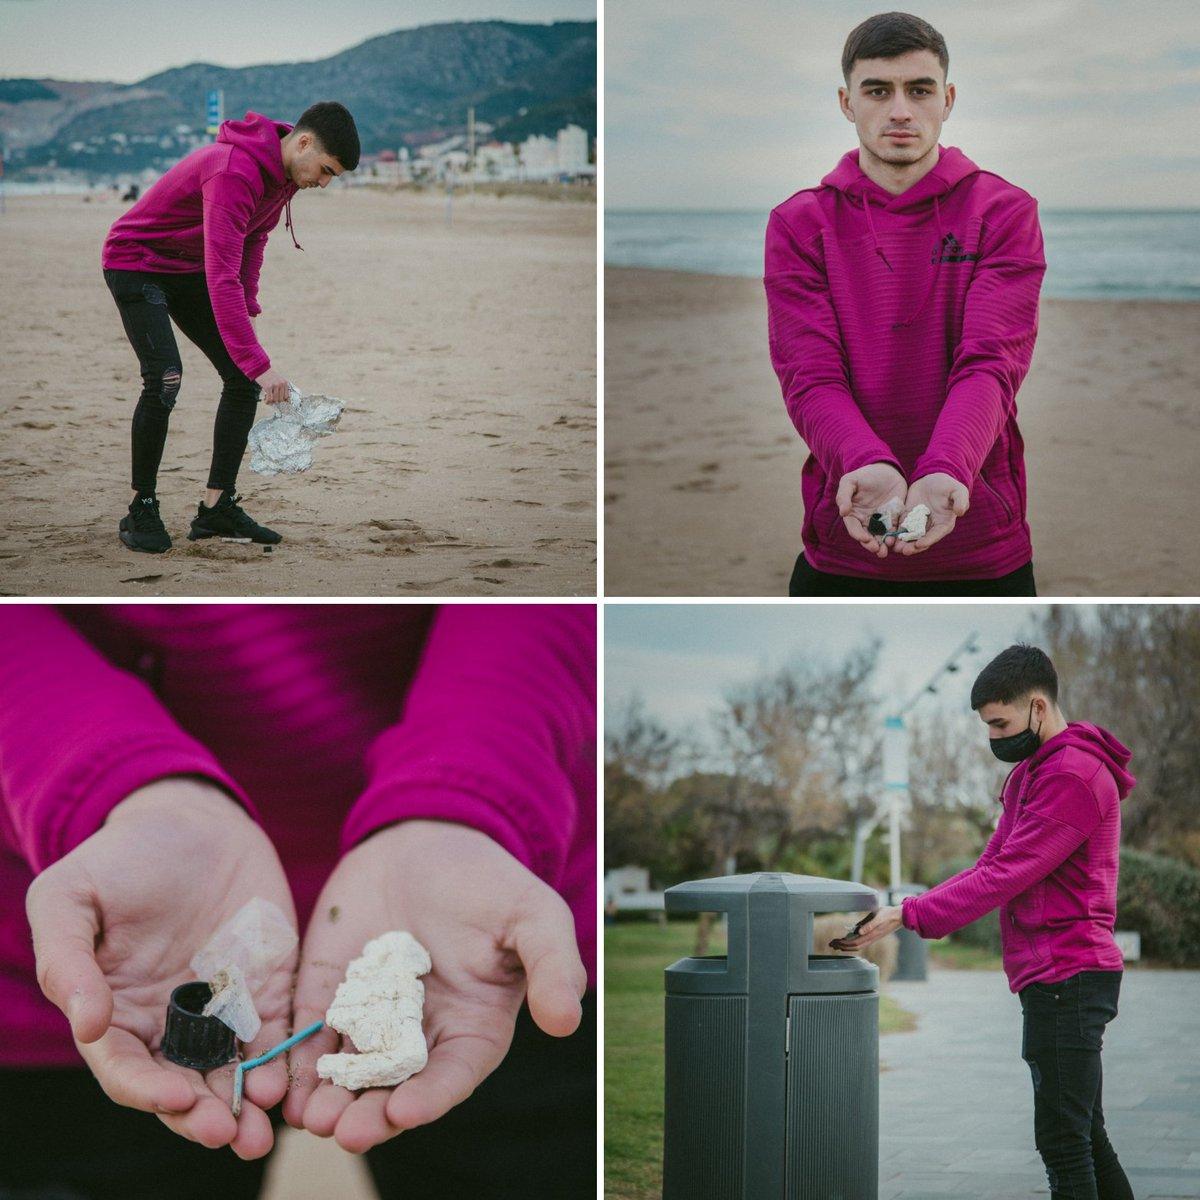 Si hablamos de #sostenibilidad yo tengo mi propia regla de 3️⃣ #itemsrule Es muy sencilla:  Cada vez que voy a la playa o a la montaña 🏖️🏞️ recojo tres objetos de plástico/residuos y los tiro al contenedor ️🗑️✔️  #kickoutplastic @KickOutPlastic1